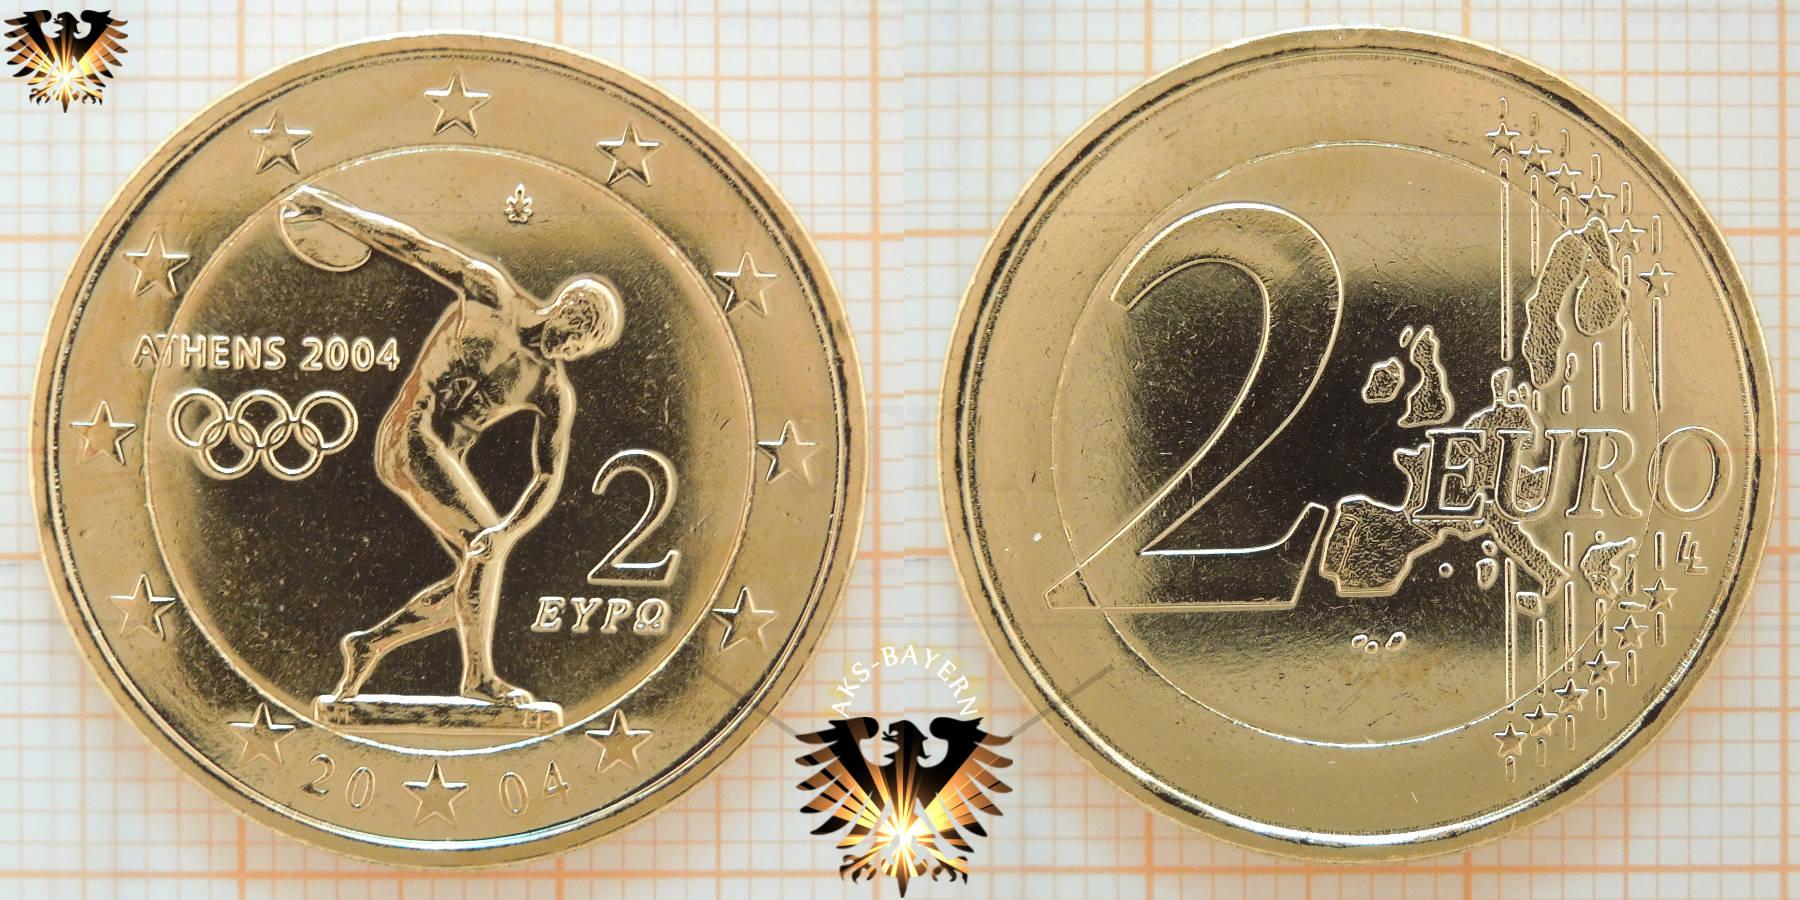 Welche Münzen Sind Was Wert Vier Banknoten Wert 100 Rumänische Lei